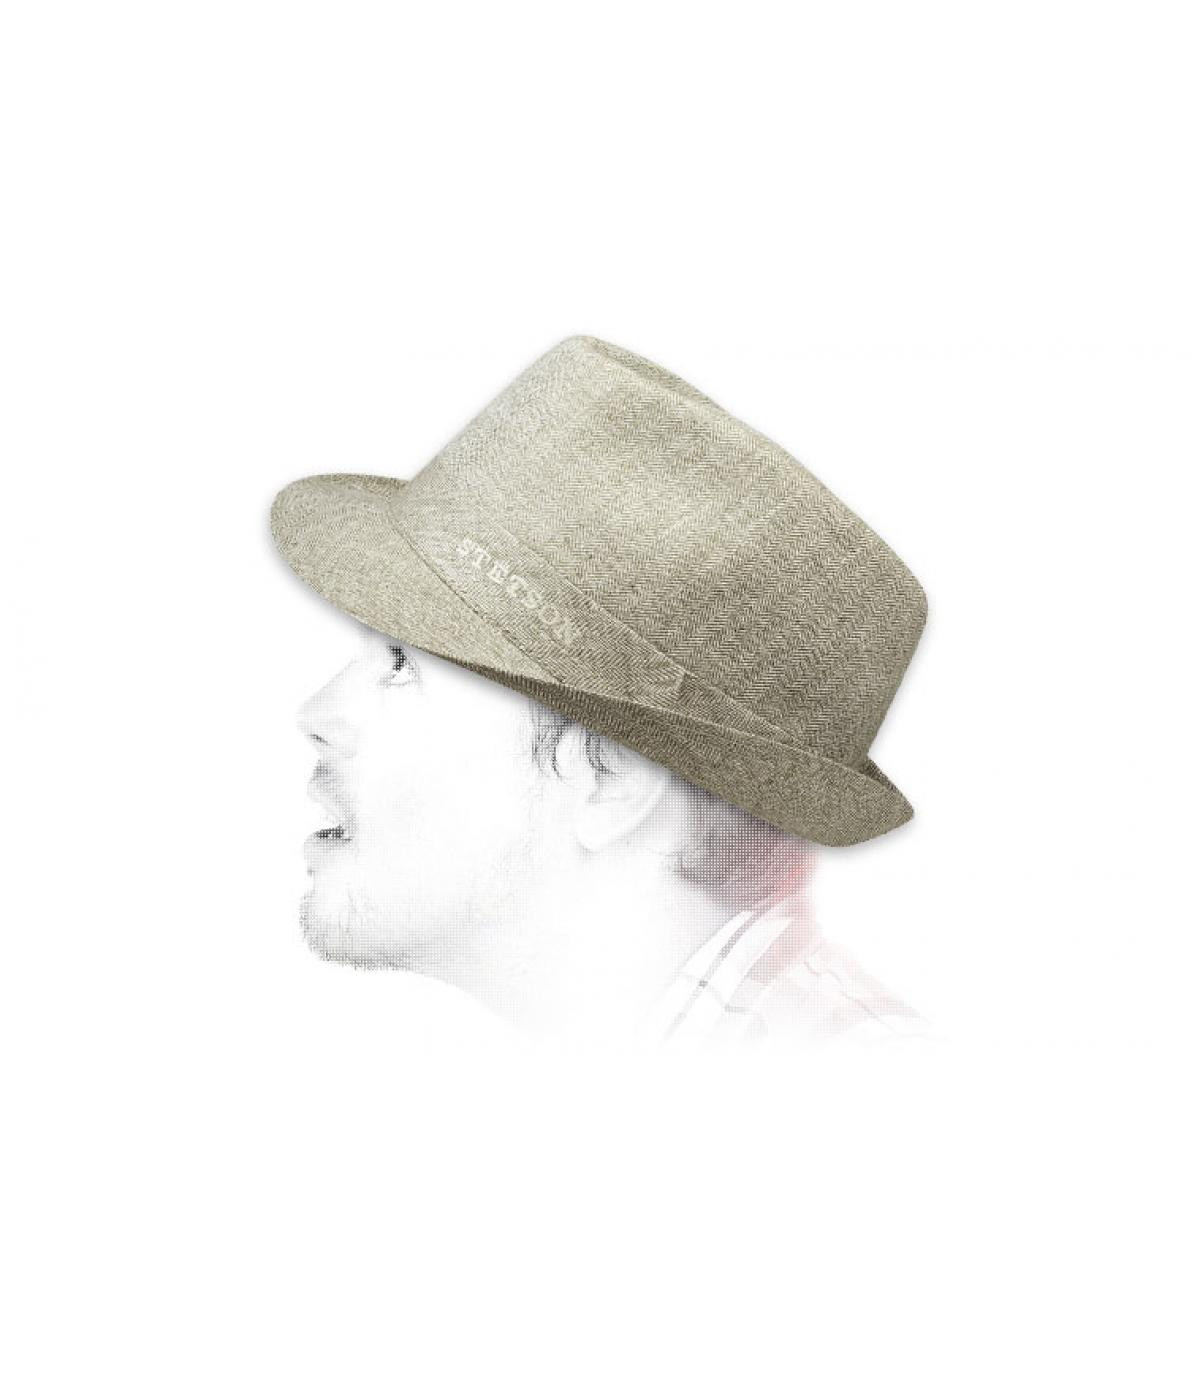 Détails Chapeau Osceola khaki beige - image 3